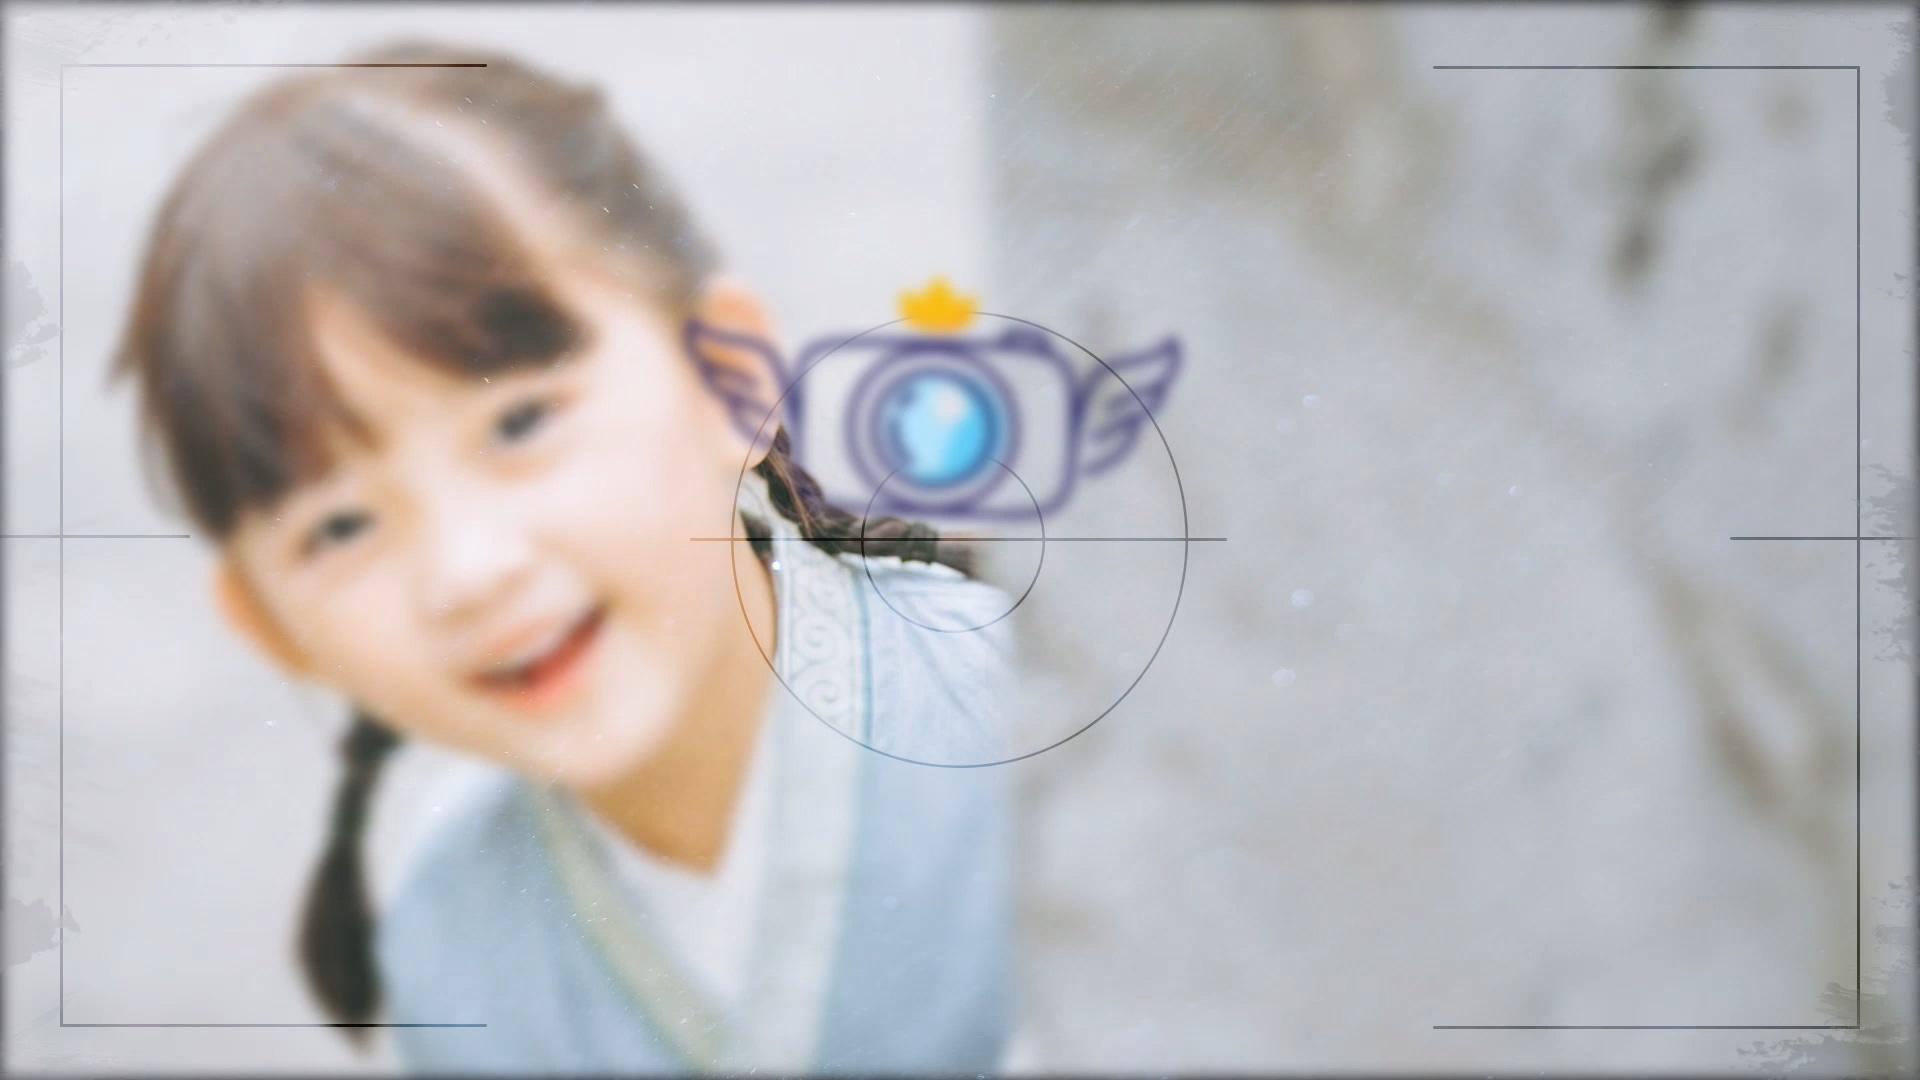 相机对焦抓拍PR模板